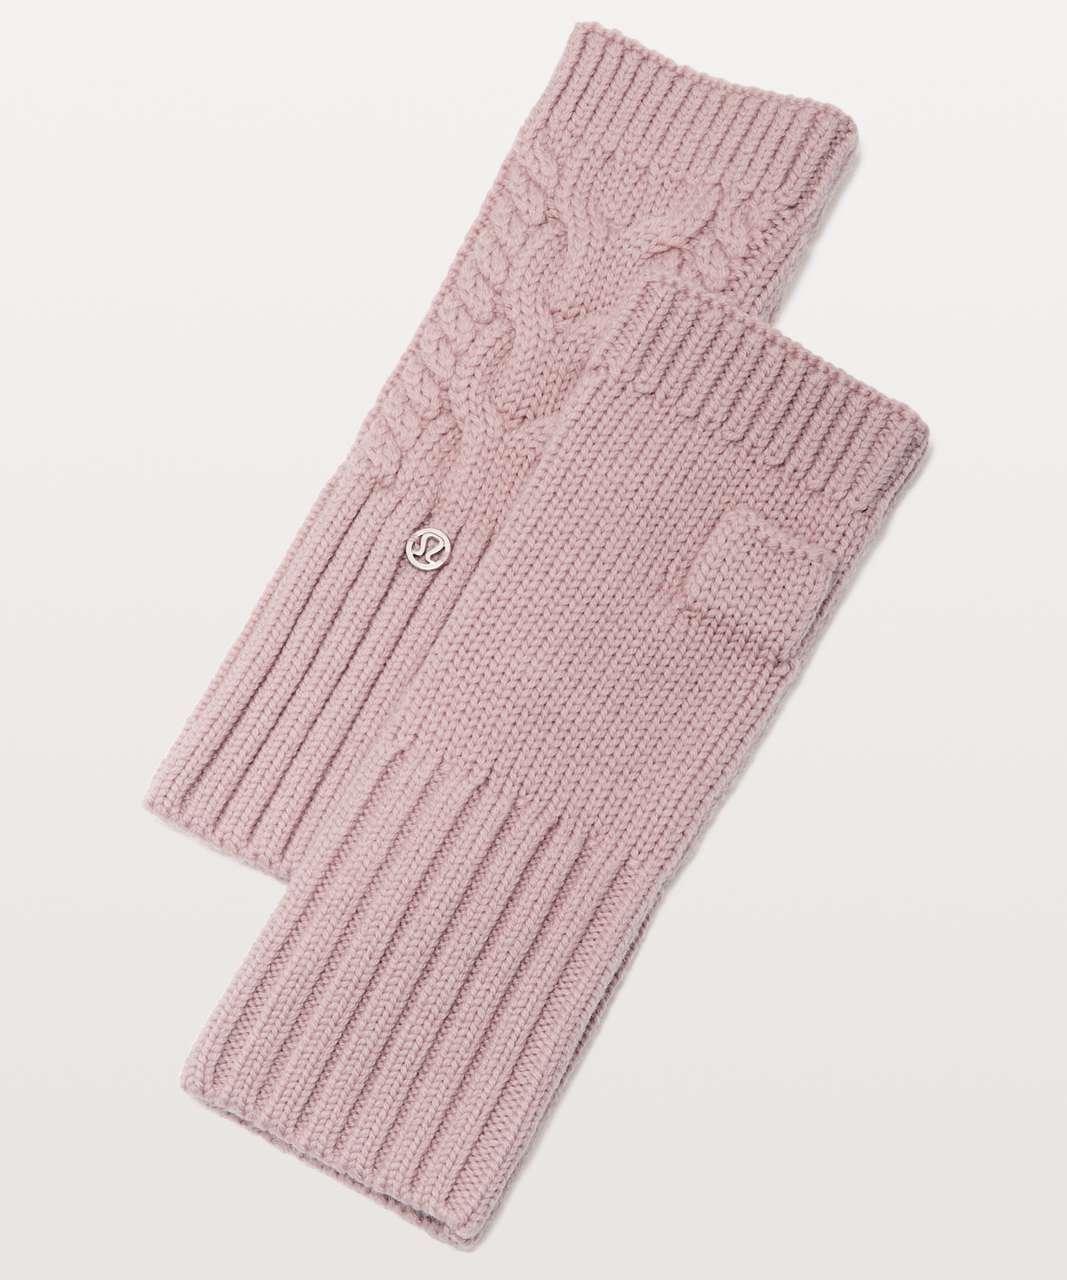 Lululemon Twisted Bliss Fingerless Gloves - Mink Berry